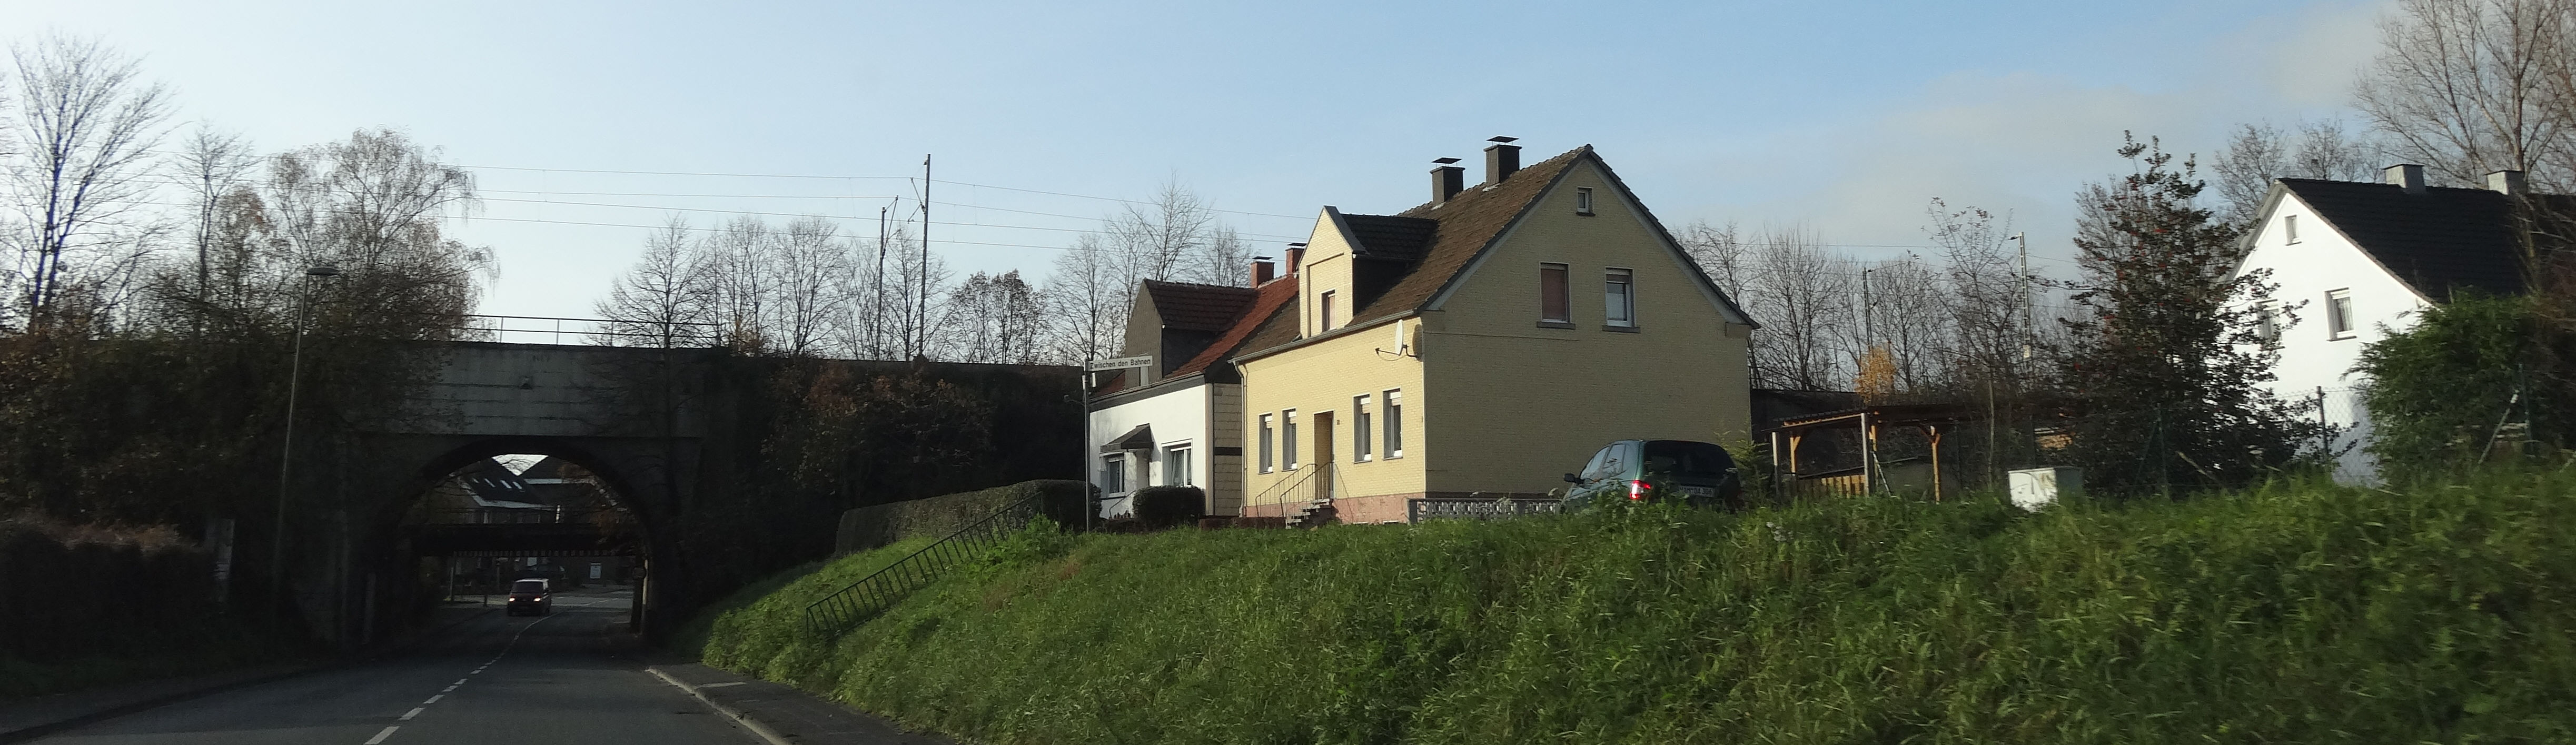 File:Hamm-Heessen, Hamm, Germany - panoramio (207).jpg